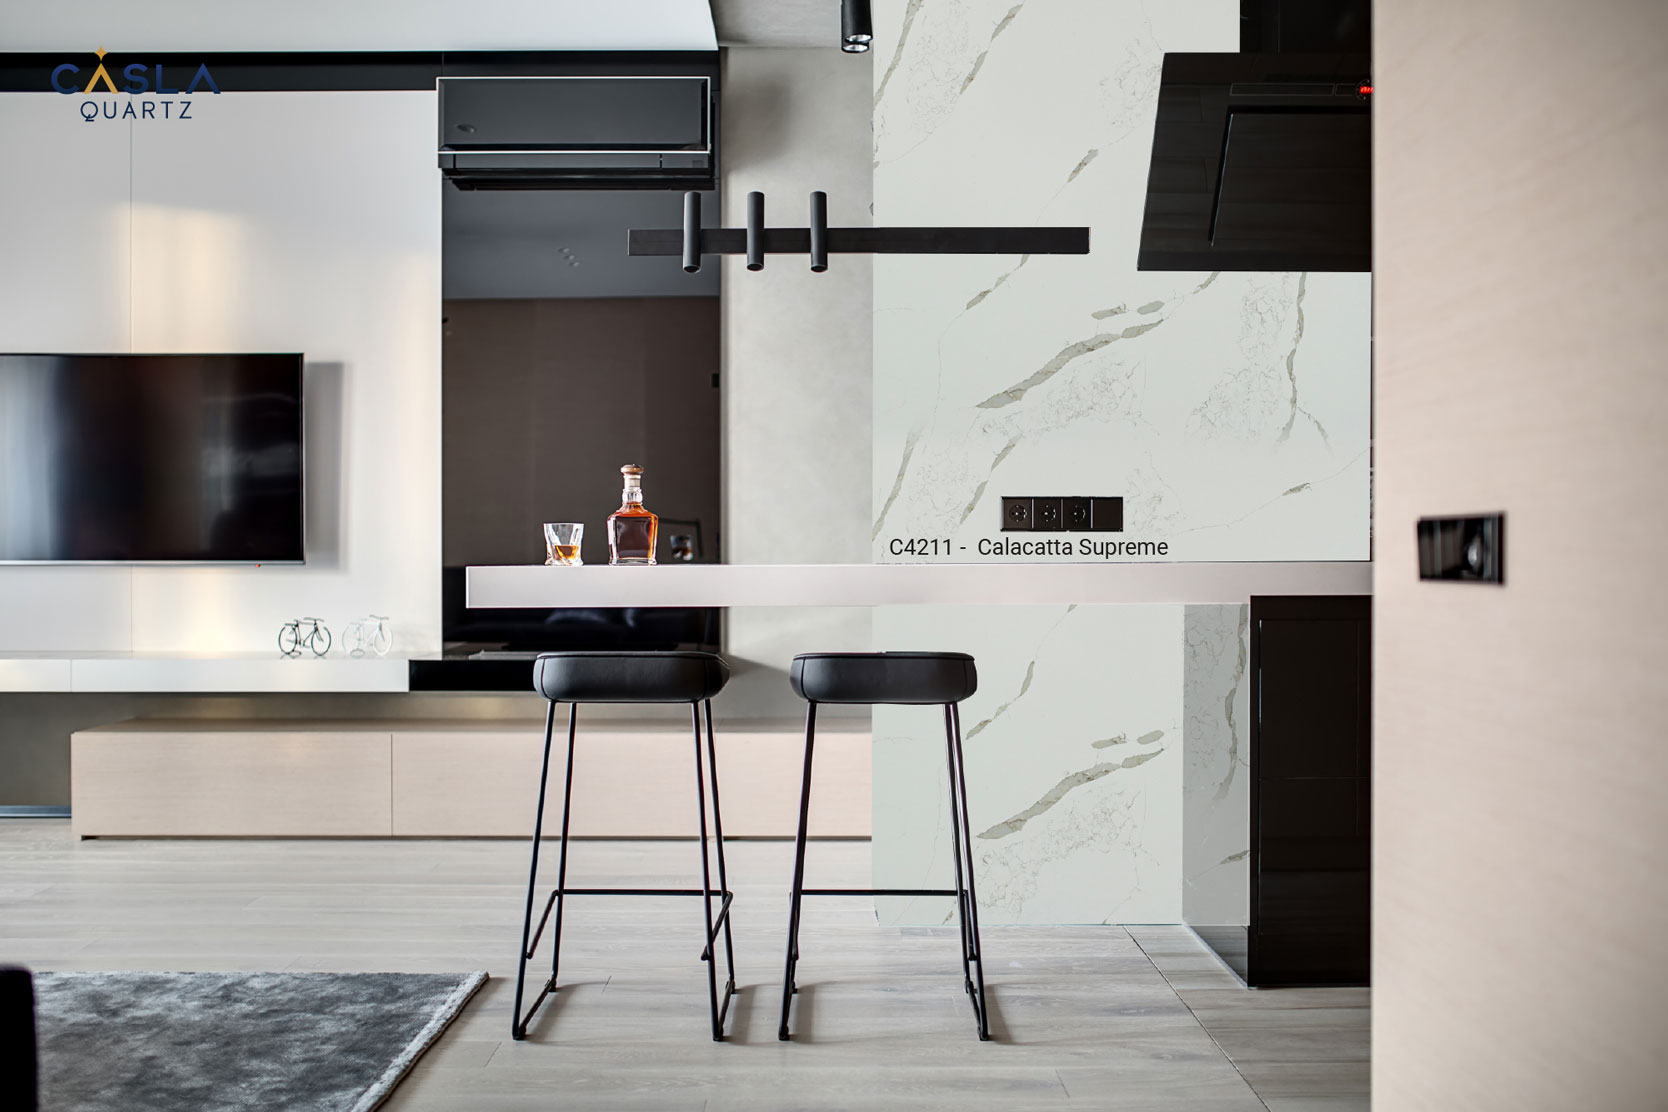 Xu hướng mới: Tạo quầy bar mini mặt đá trong bếp chung cư